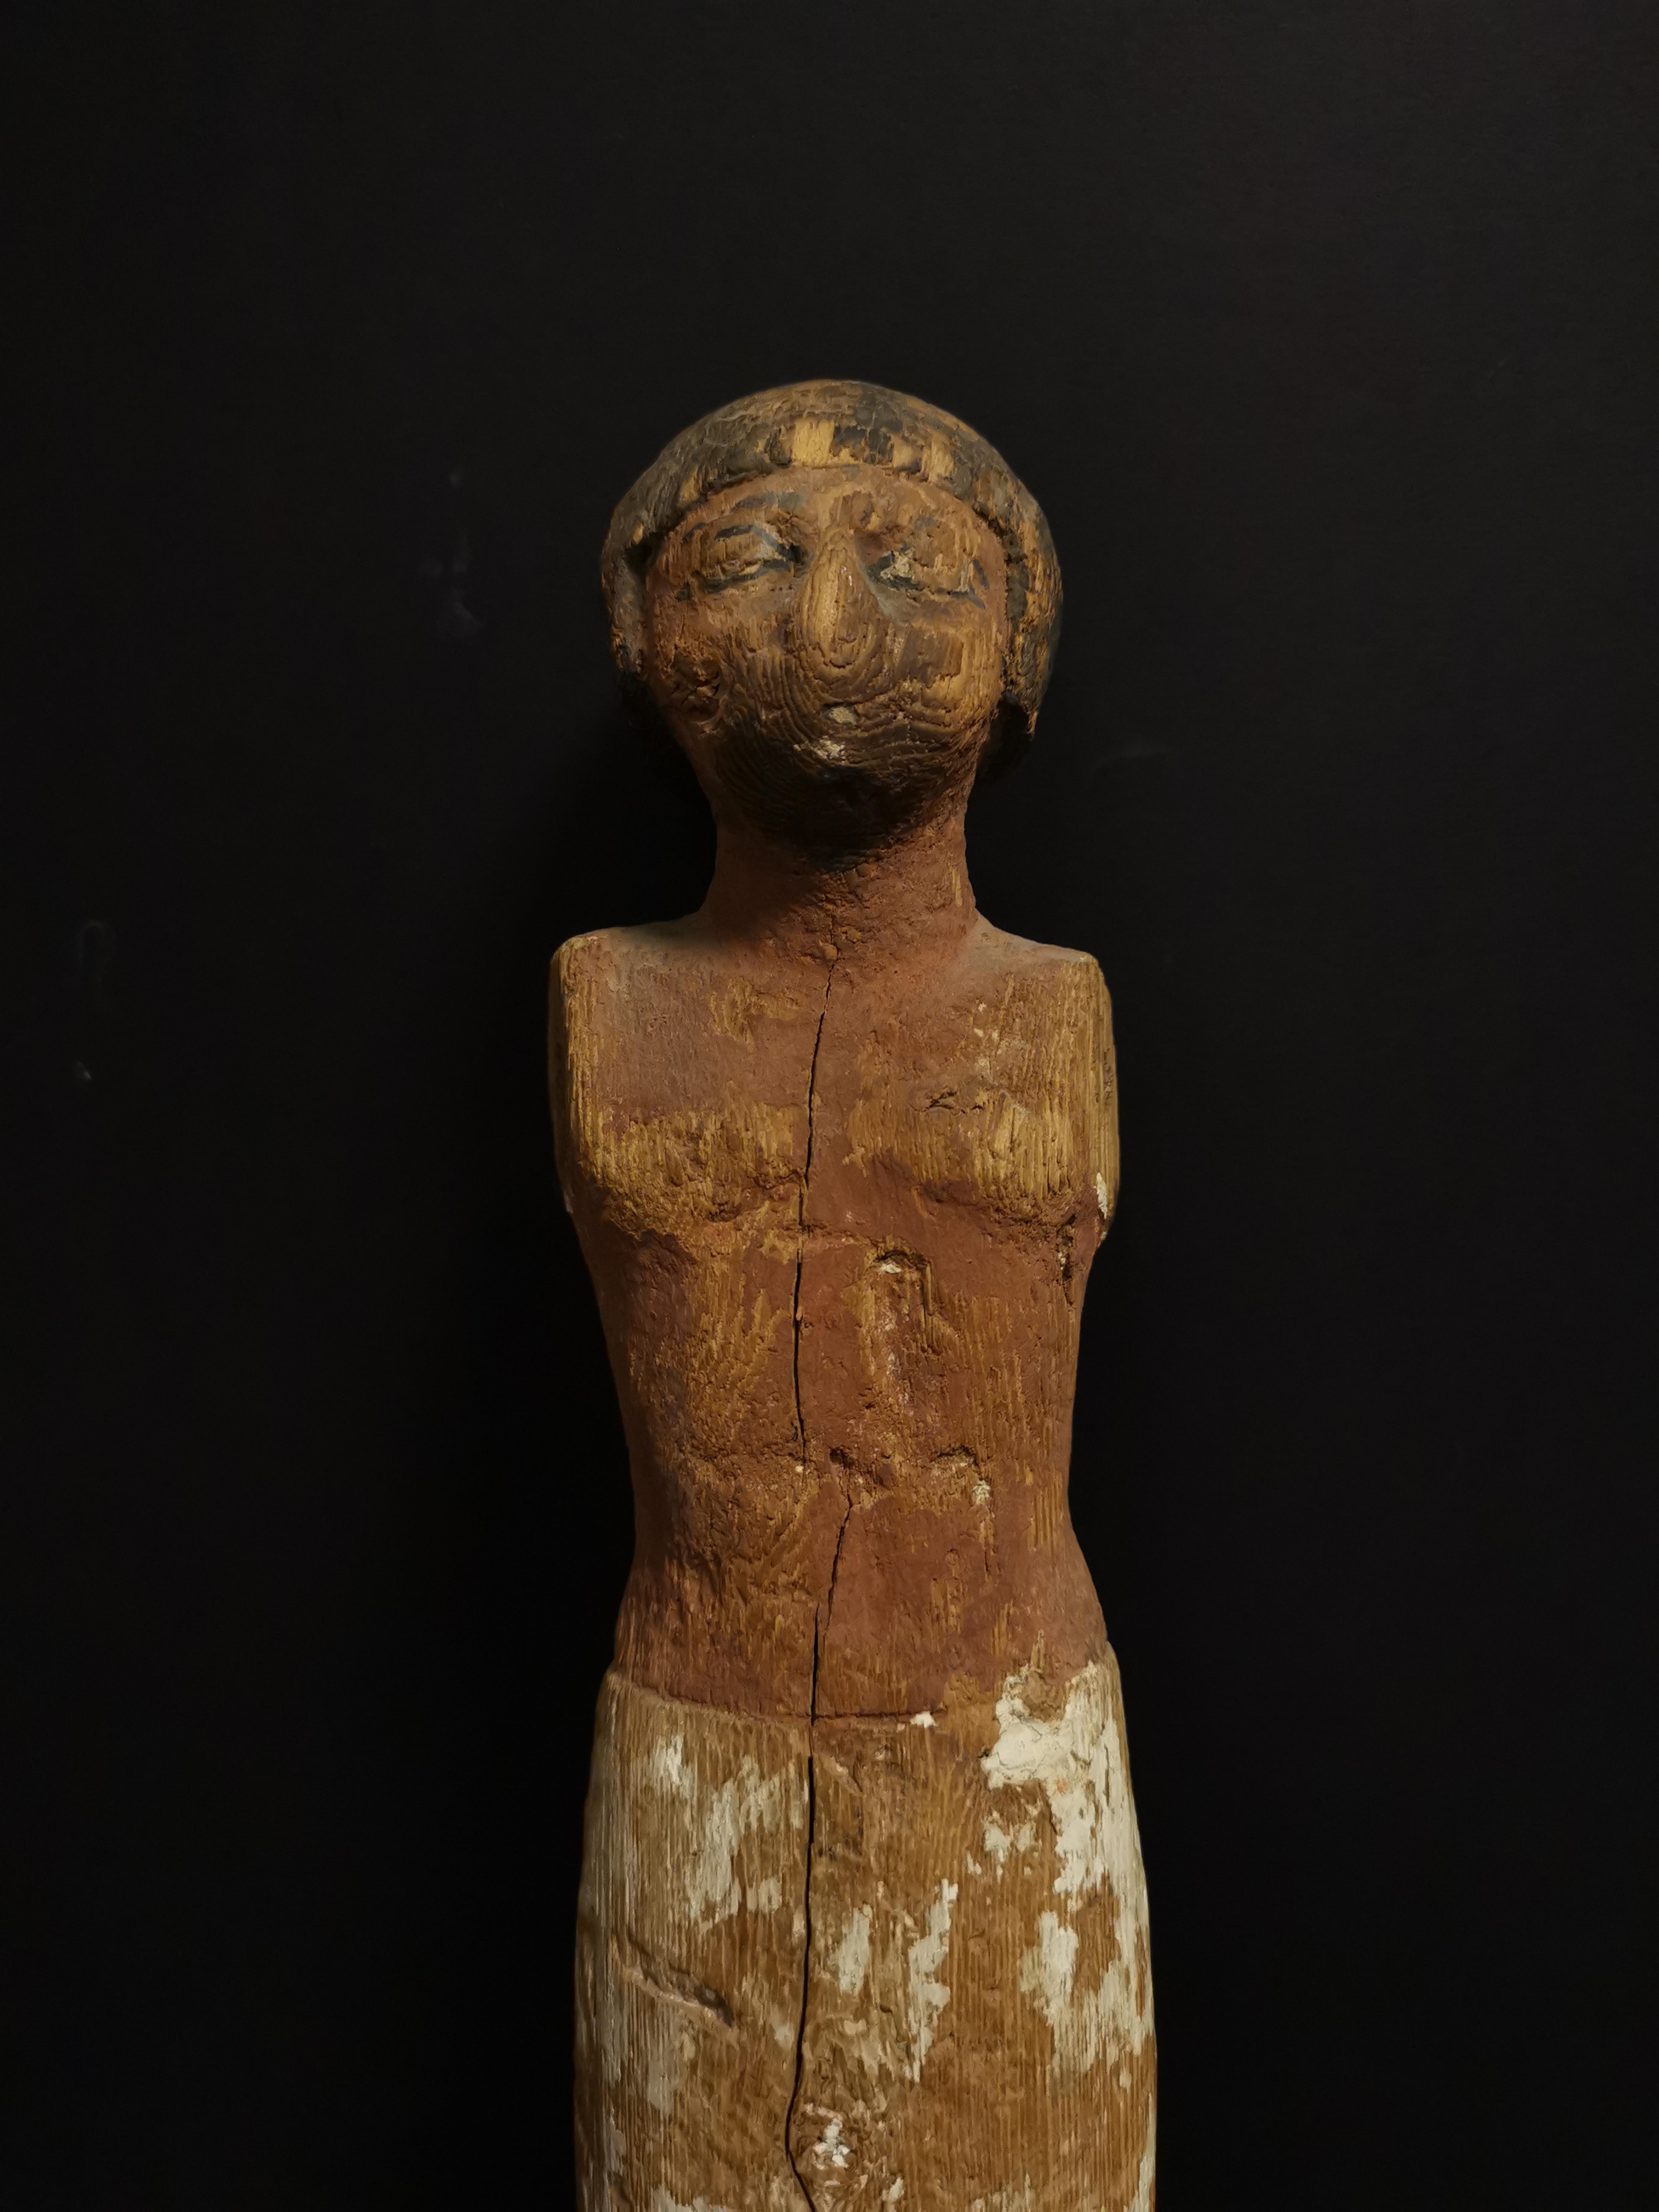 Lot 52 - Statuette en ronde bosse représentant un homme debout vêtu d'un pagne. Les détails [...]